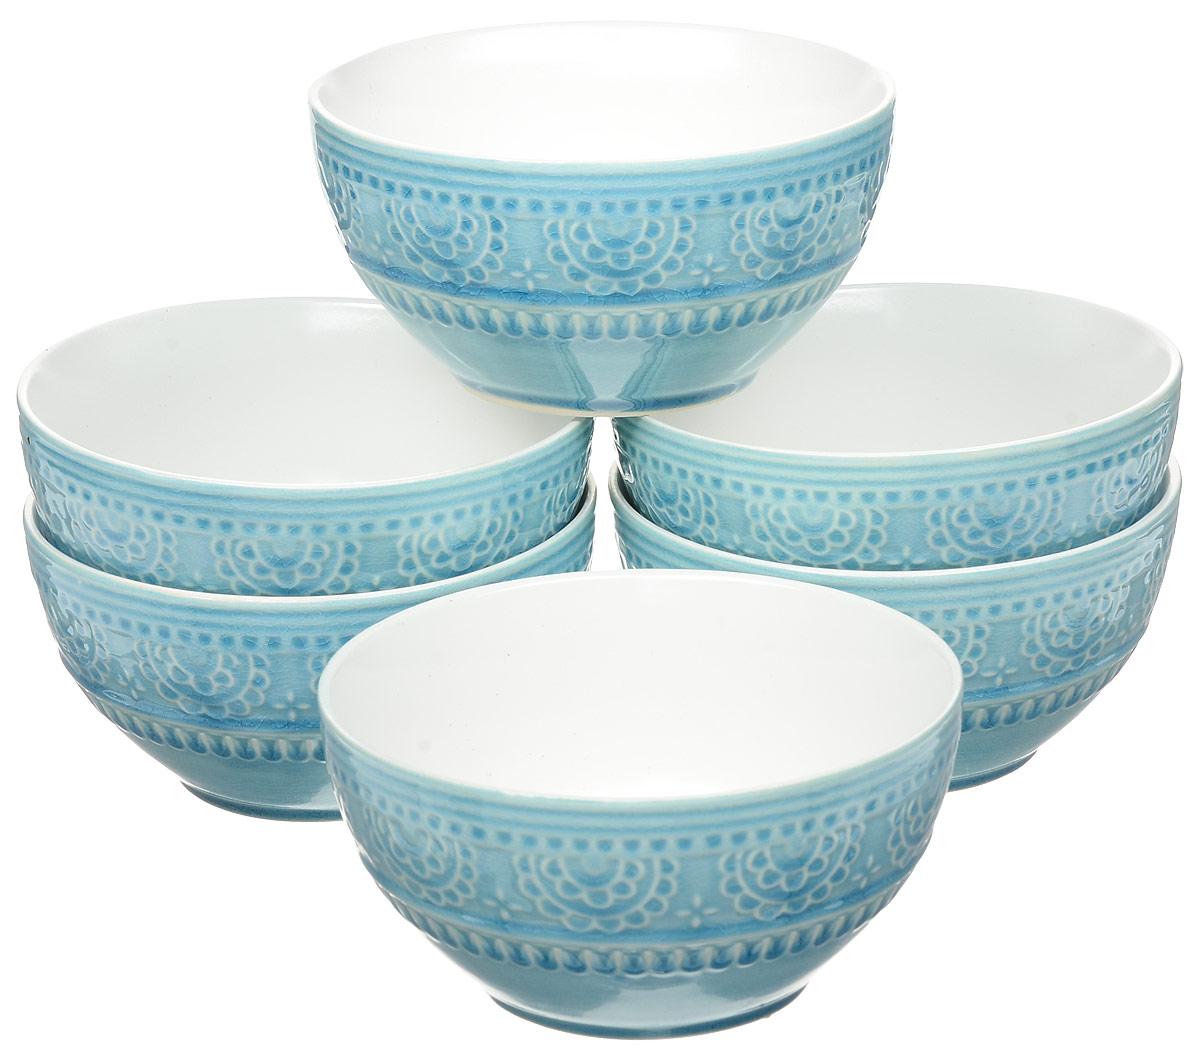 Набор салатников Tongo, диаметр 17 см, 6 штBOW-17b_голубая бирюза, белыйНабор Tongo состоит из 6 круглых салатников, выполненных из высококачественной керамики. Глазурованное покрытие обеспечивает легкую очистку. Декоративная техника придает посуде этнический шарм, с элементами старения, в виде паутинки мелких трещинок на поверхности эмали, что повышает ее привлекательность и ценность среди посудных аналогов. Изделия обладают высокой термостойкостью, а также экологичностью и долговечностью. Салатники отлично подходят для сервировки закусок, соусов, салатов. Легко штабелируются, что позволяет складывать салатники друг в друга и экономить место при хранении. Салатники практичны, функциональны и имеют лаконичный классический дизайн. Такой набор салатников станет отличным приобретением для вашей кухни. Можно мыть в посудомоечной машине и использовать в микроволновой печи. Диаметр салатника (по верхнему краю): 16 см. Высота салатника: 8 см.